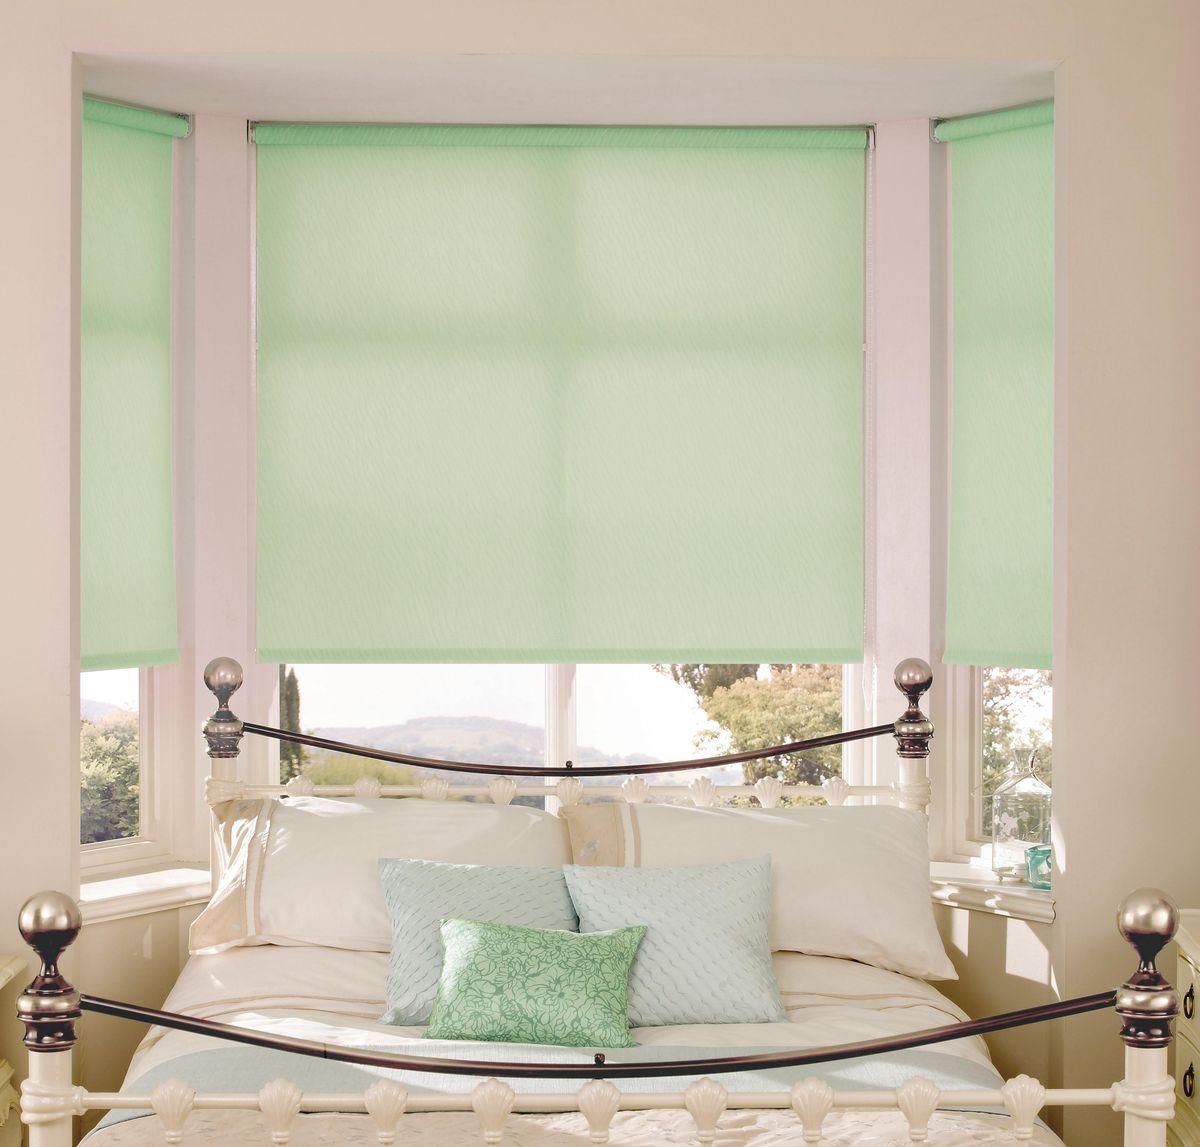 Штора рулонная Эскар, цвет: светло-зеленый, ширина 120 см, высота 170 см80621Рулонными шторами можно оформлять окна как самостоятельно, так и использовать в комбинации с портьерами. Это поможет предотвратить выгорание дорогой ткани на солнце и соединит функционал рулонных с красотой навесных.Преимущества применения рулонных штор для пластиковых окон:- имеют прекрасный внешний вид: многообразие и фактурность материала изделия отлично смотрятся в любом интерьере; - многофункциональны: есть возможность подобрать шторы способные эффективно защитить комнату от солнца, при этом о на не будет слишком темной. - Есть возможность осуществить быстрый монтаж. ВНИМАНИЕ! Размеры ширины изделия указаны по ширине ткани!Во время эксплуатации не рекомендуется полностью разматывать рулон, чтобы не оторвать ткань от намоточного вала.В случае загрязнения поверхности ткани, чистку шторы проводят одним из способов, в зависимости от типа загрязнения: легкое поверхностное загрязнение можно удалить при помощи канцелярского ластика; чистка от пыли производится сухим методом при помощи пылесоса с мягкой щеткой-насадкой; для удаления пятна используйте мягкую губку с пенообразующим неагрессивным моющим средством или пятновыводитель на натуральной основе (нельзя применять растворители).